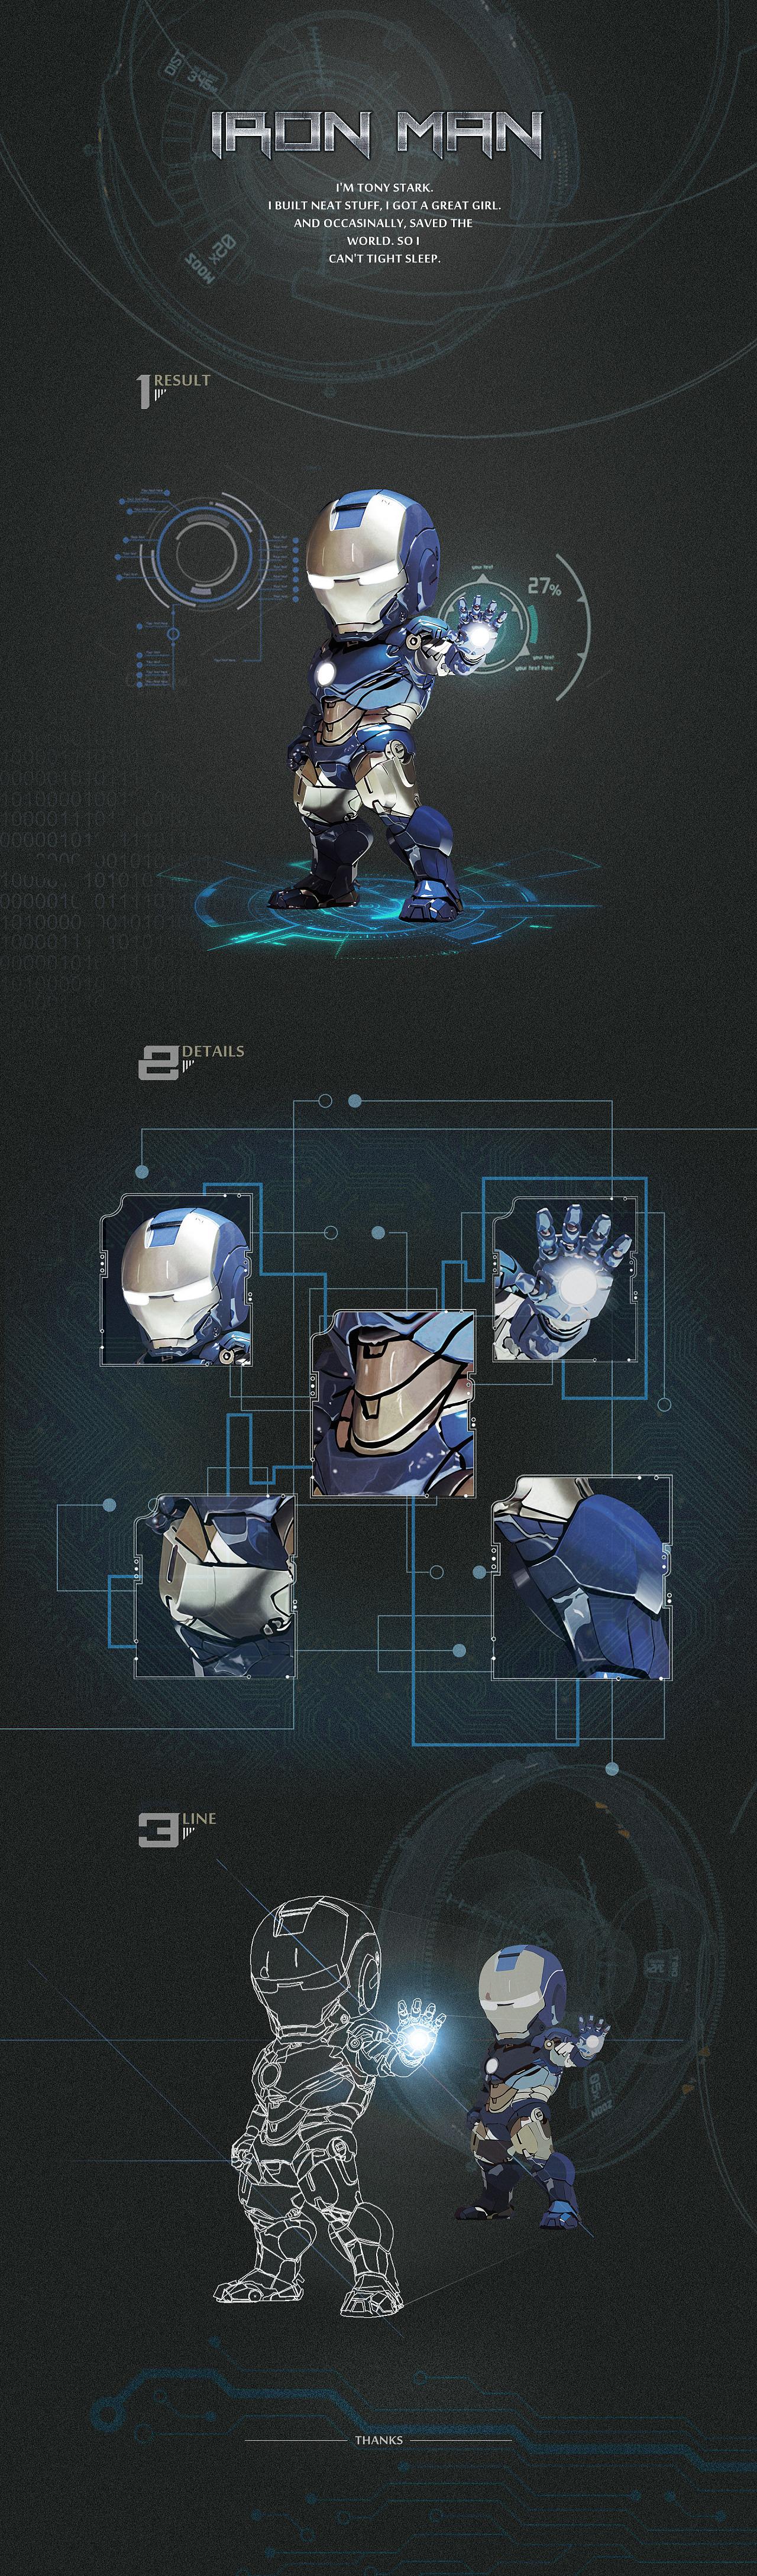 超写实图标:钢铁侠